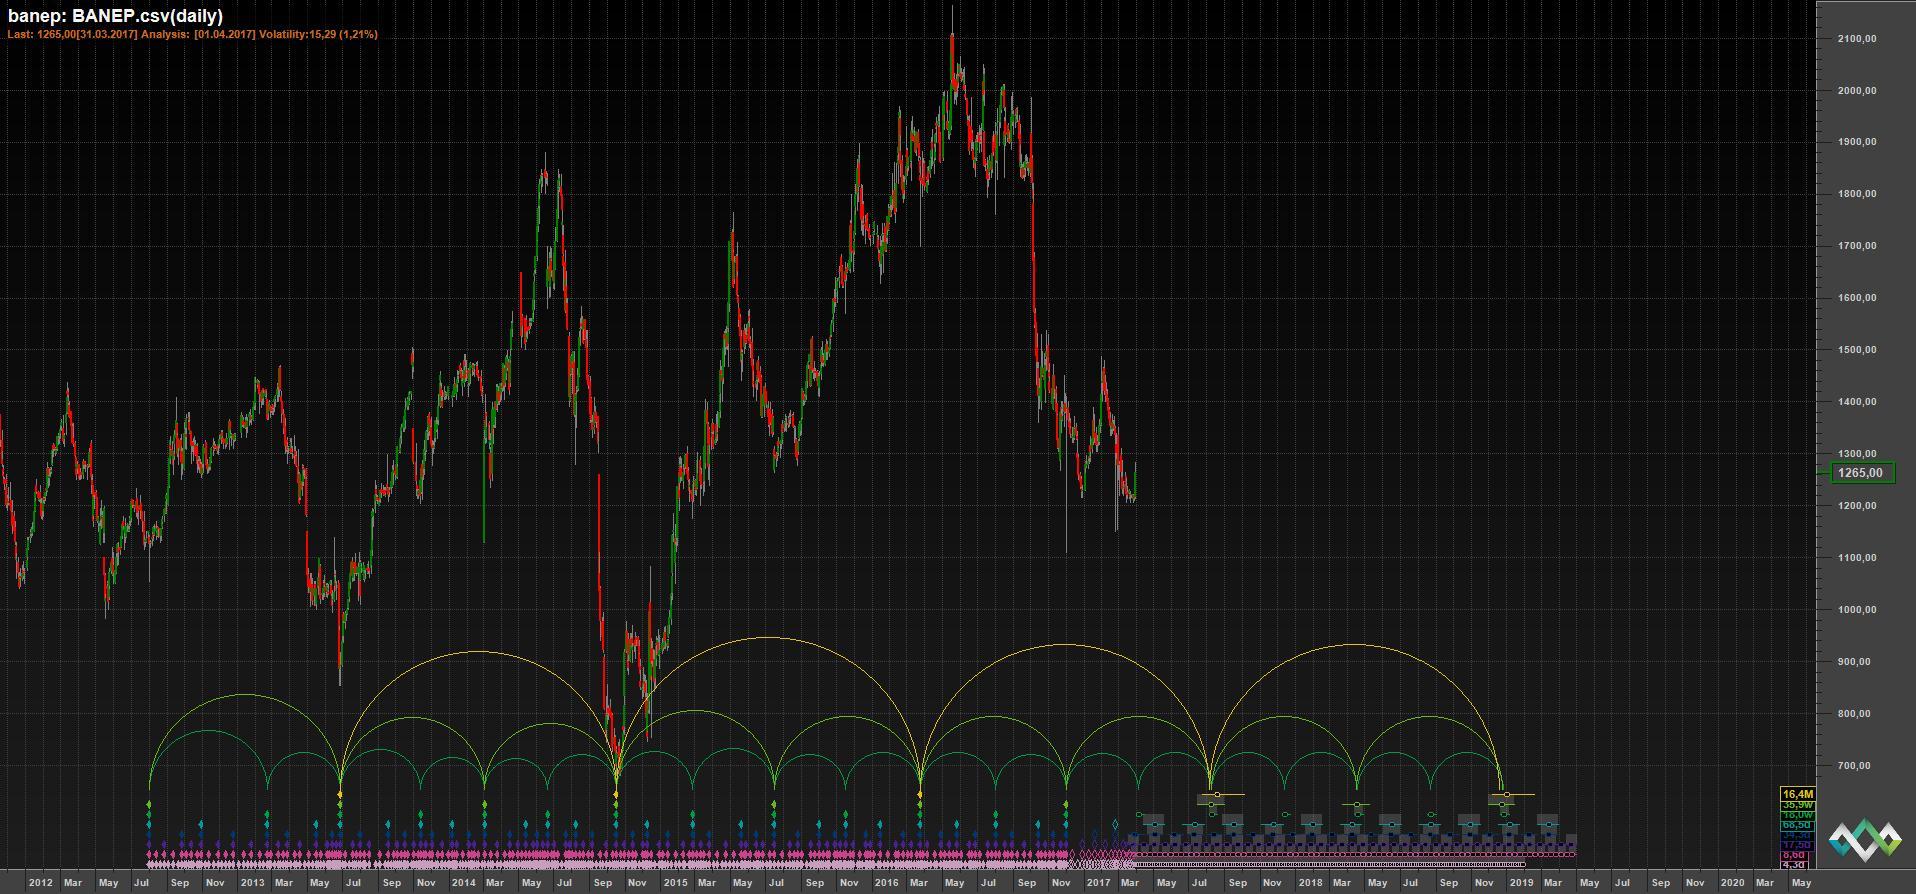 Временной анализ акций Башнефть АП на 31 марта 2017